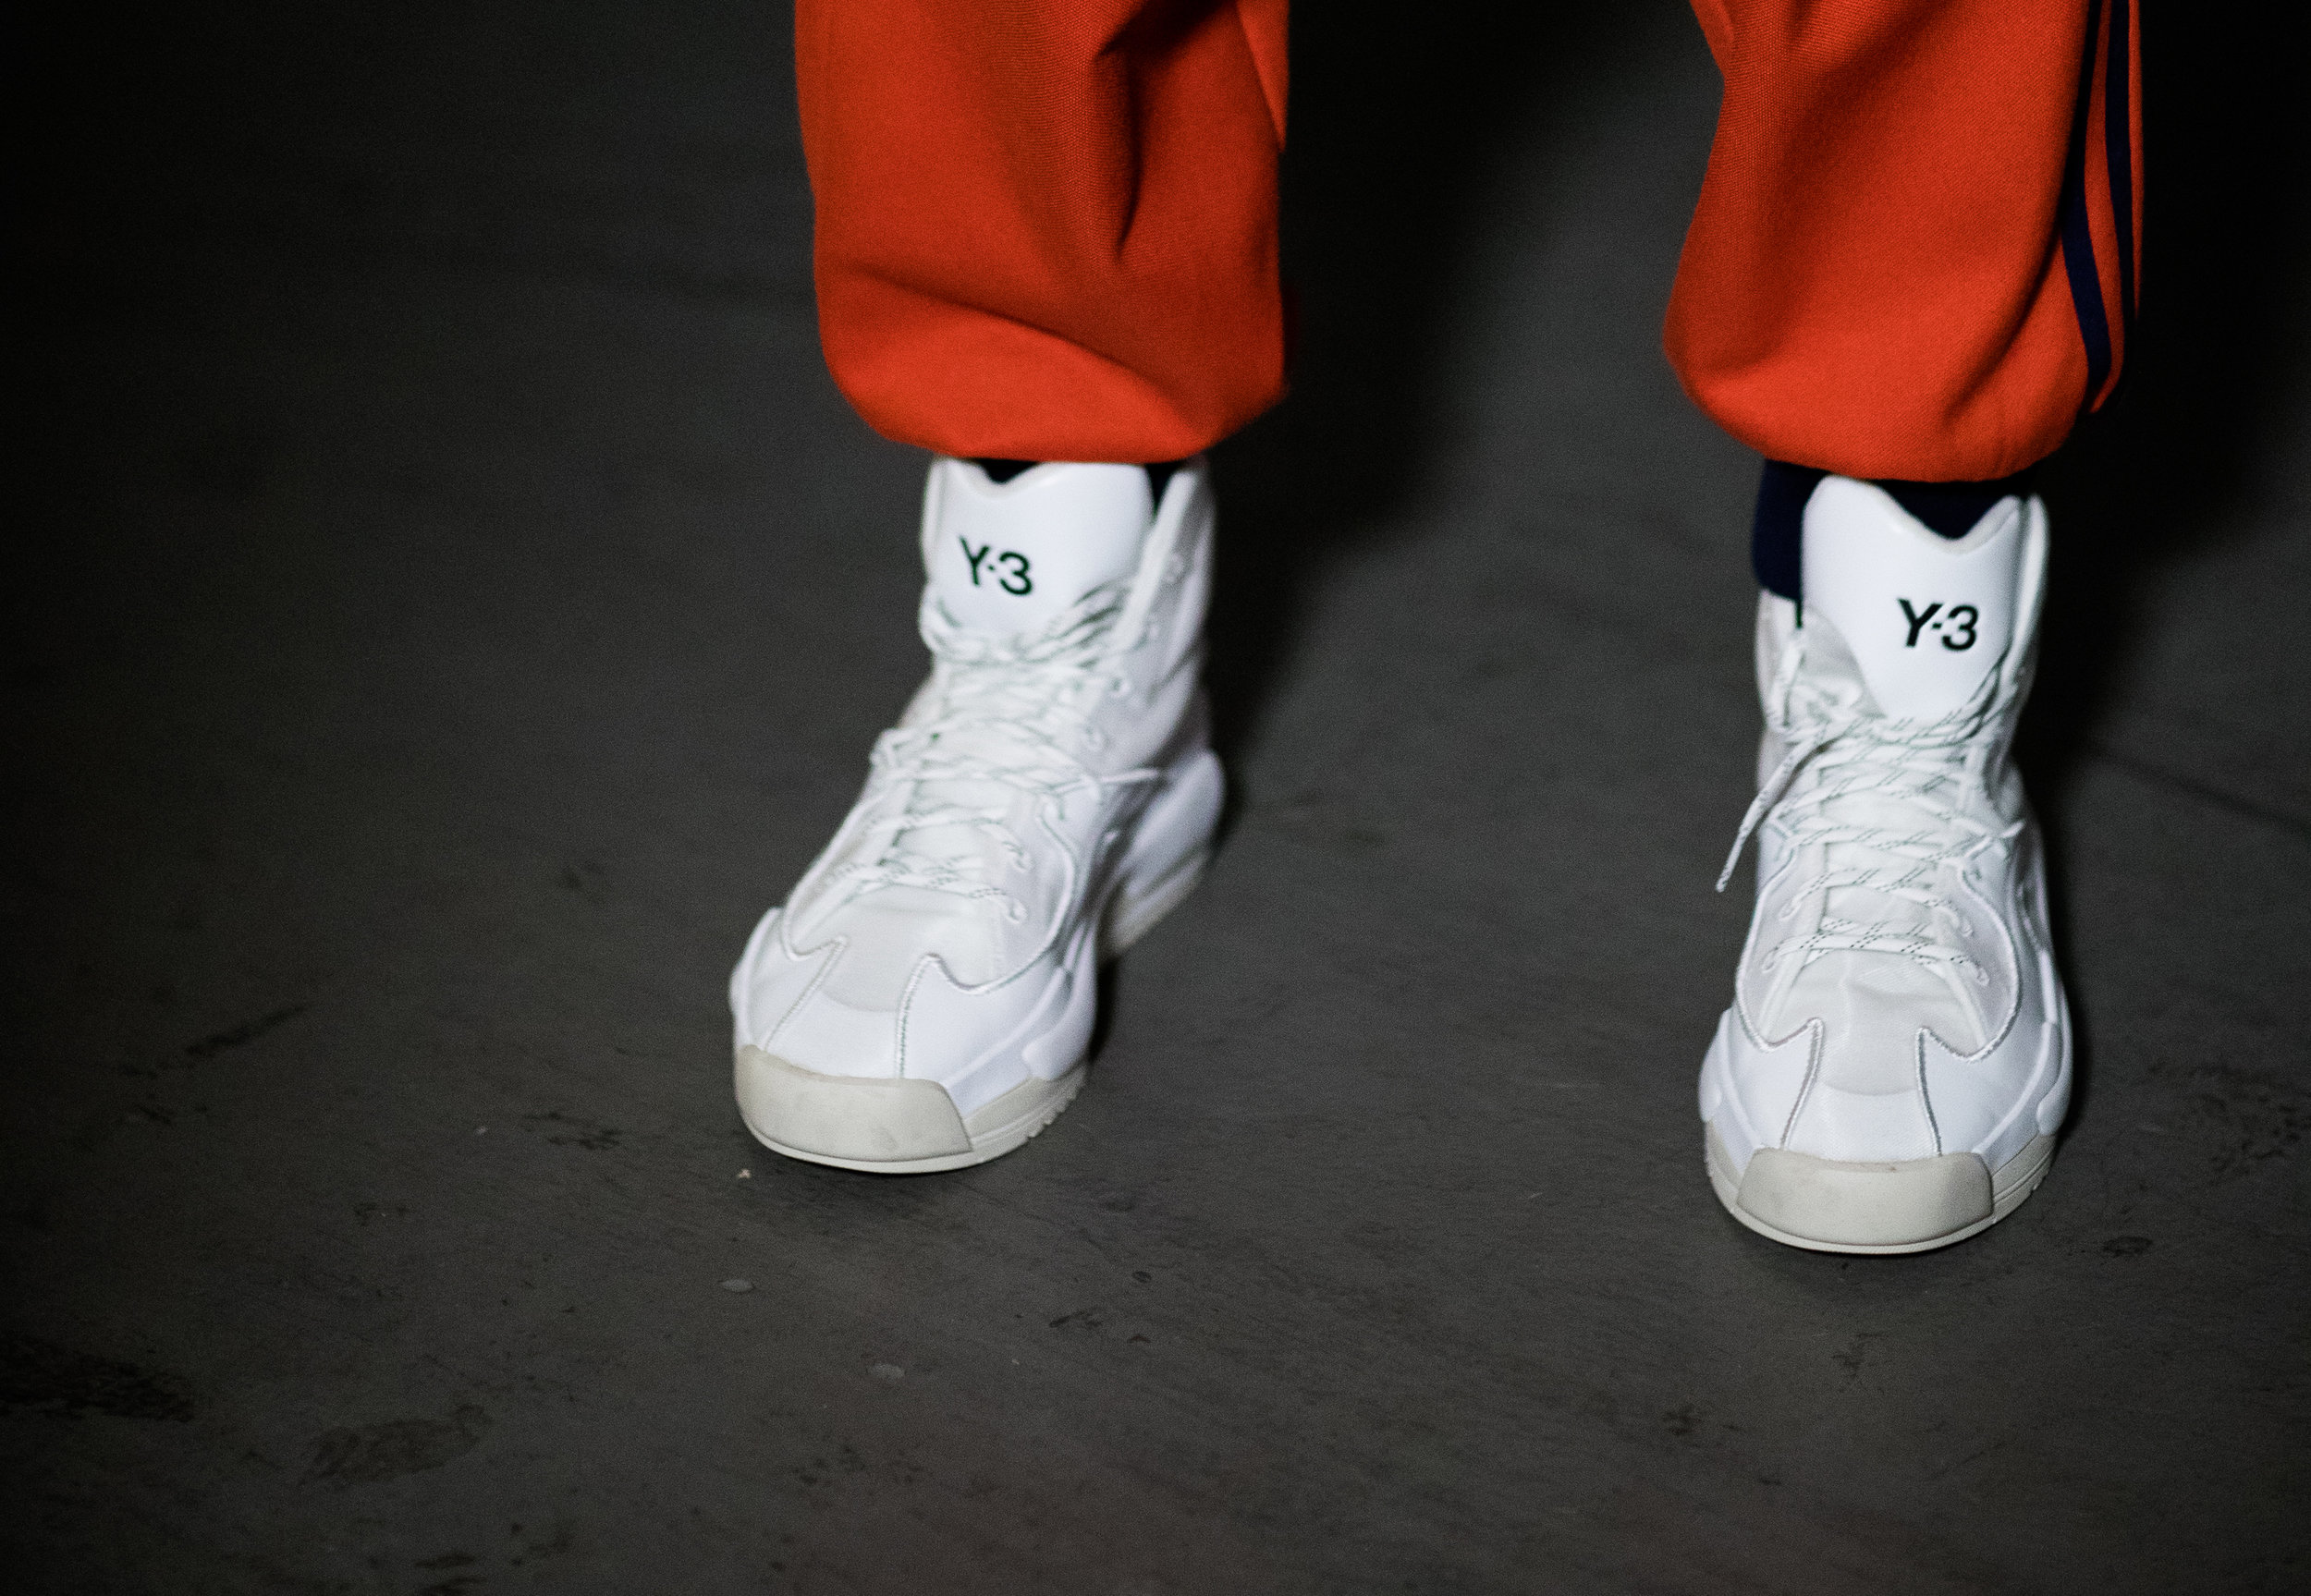 Image via Y3 / Adidas /